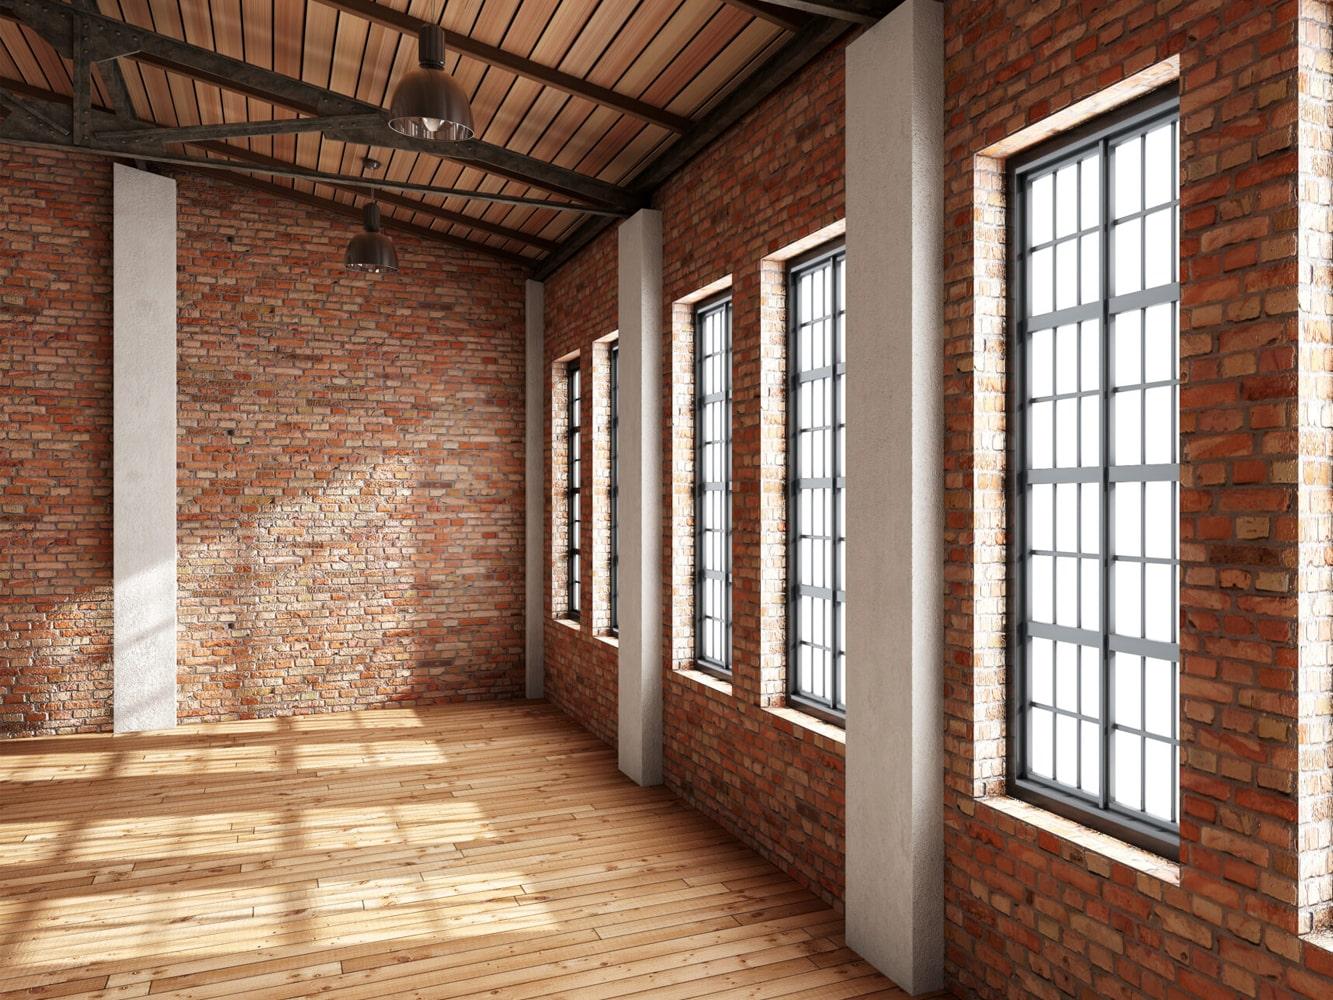 Loftfenster im Loft Stil